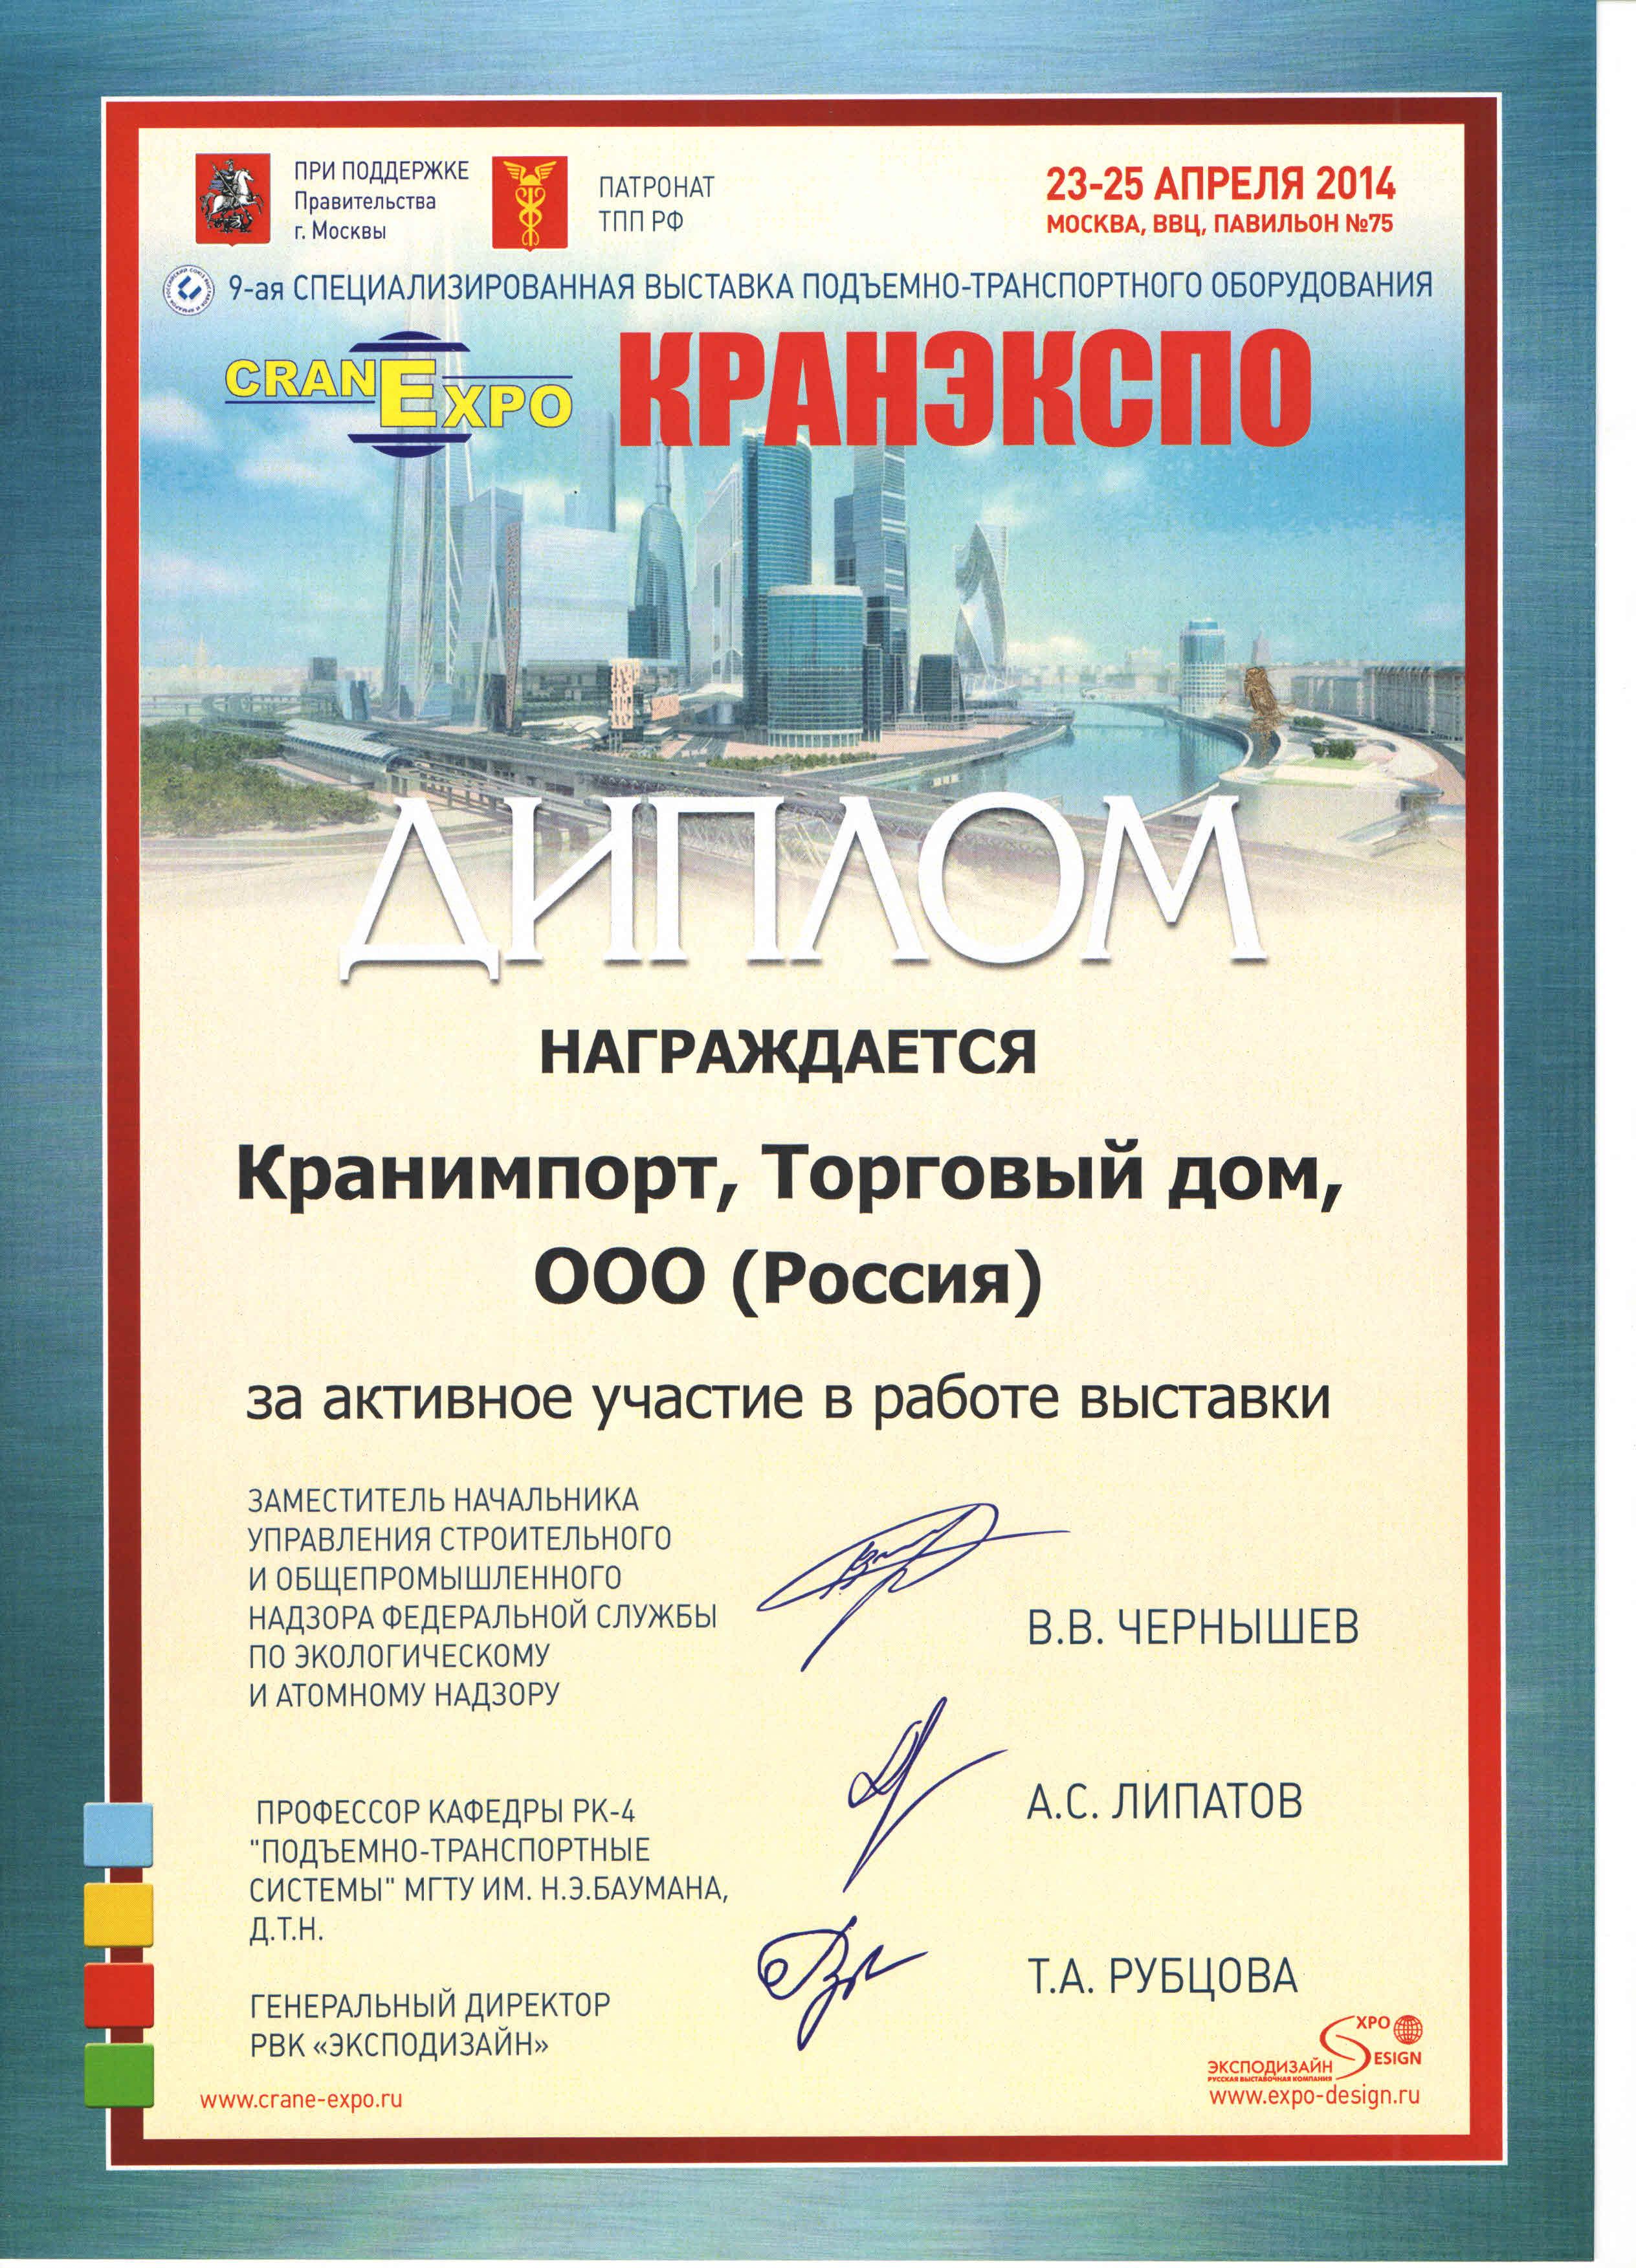 диплом выставки кранэкспо